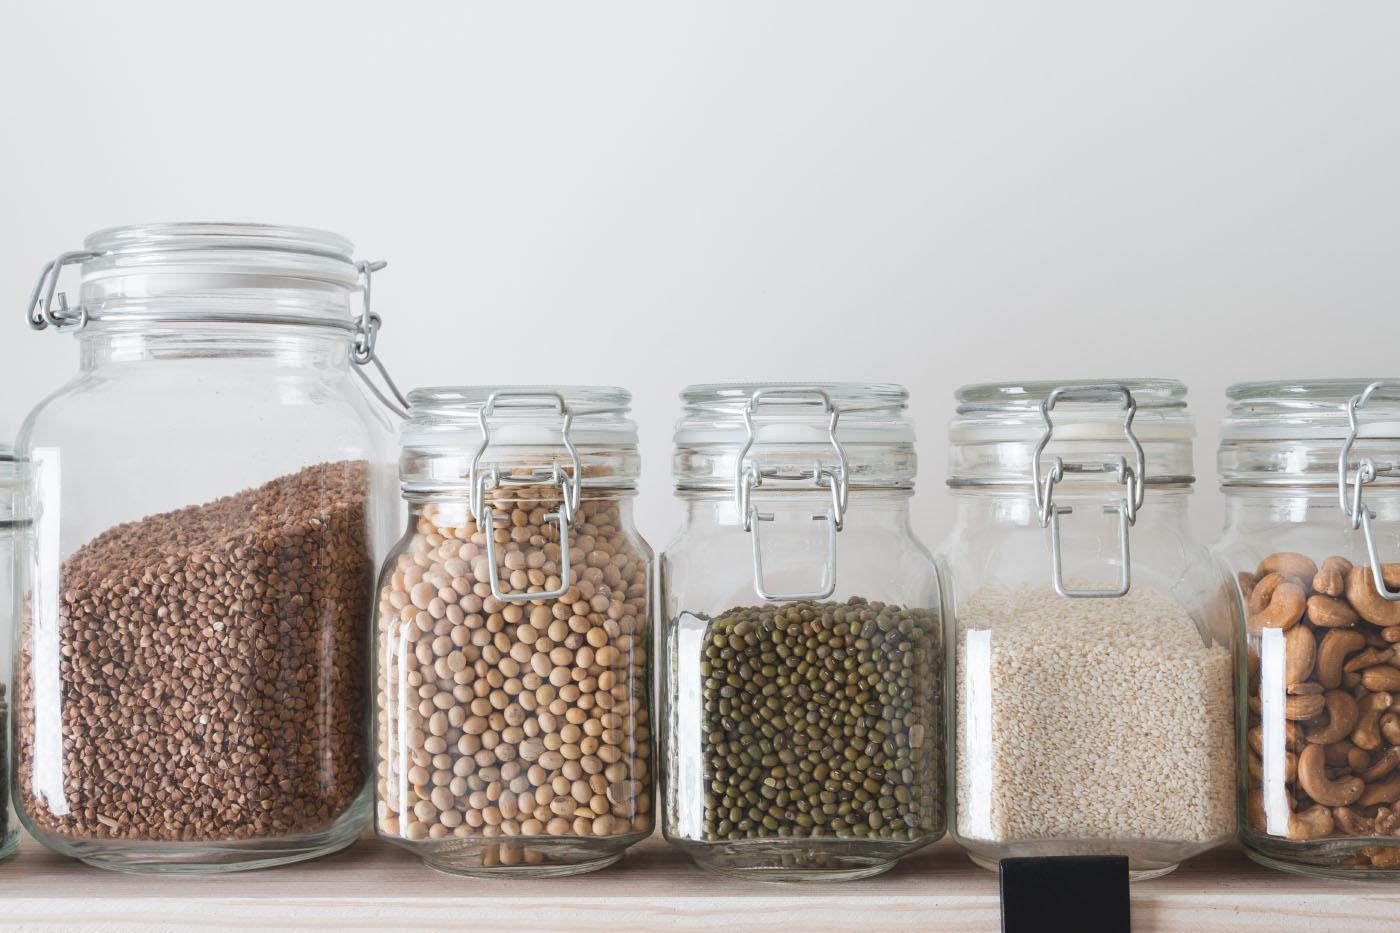 Dried goods in jars on kitchen shelf